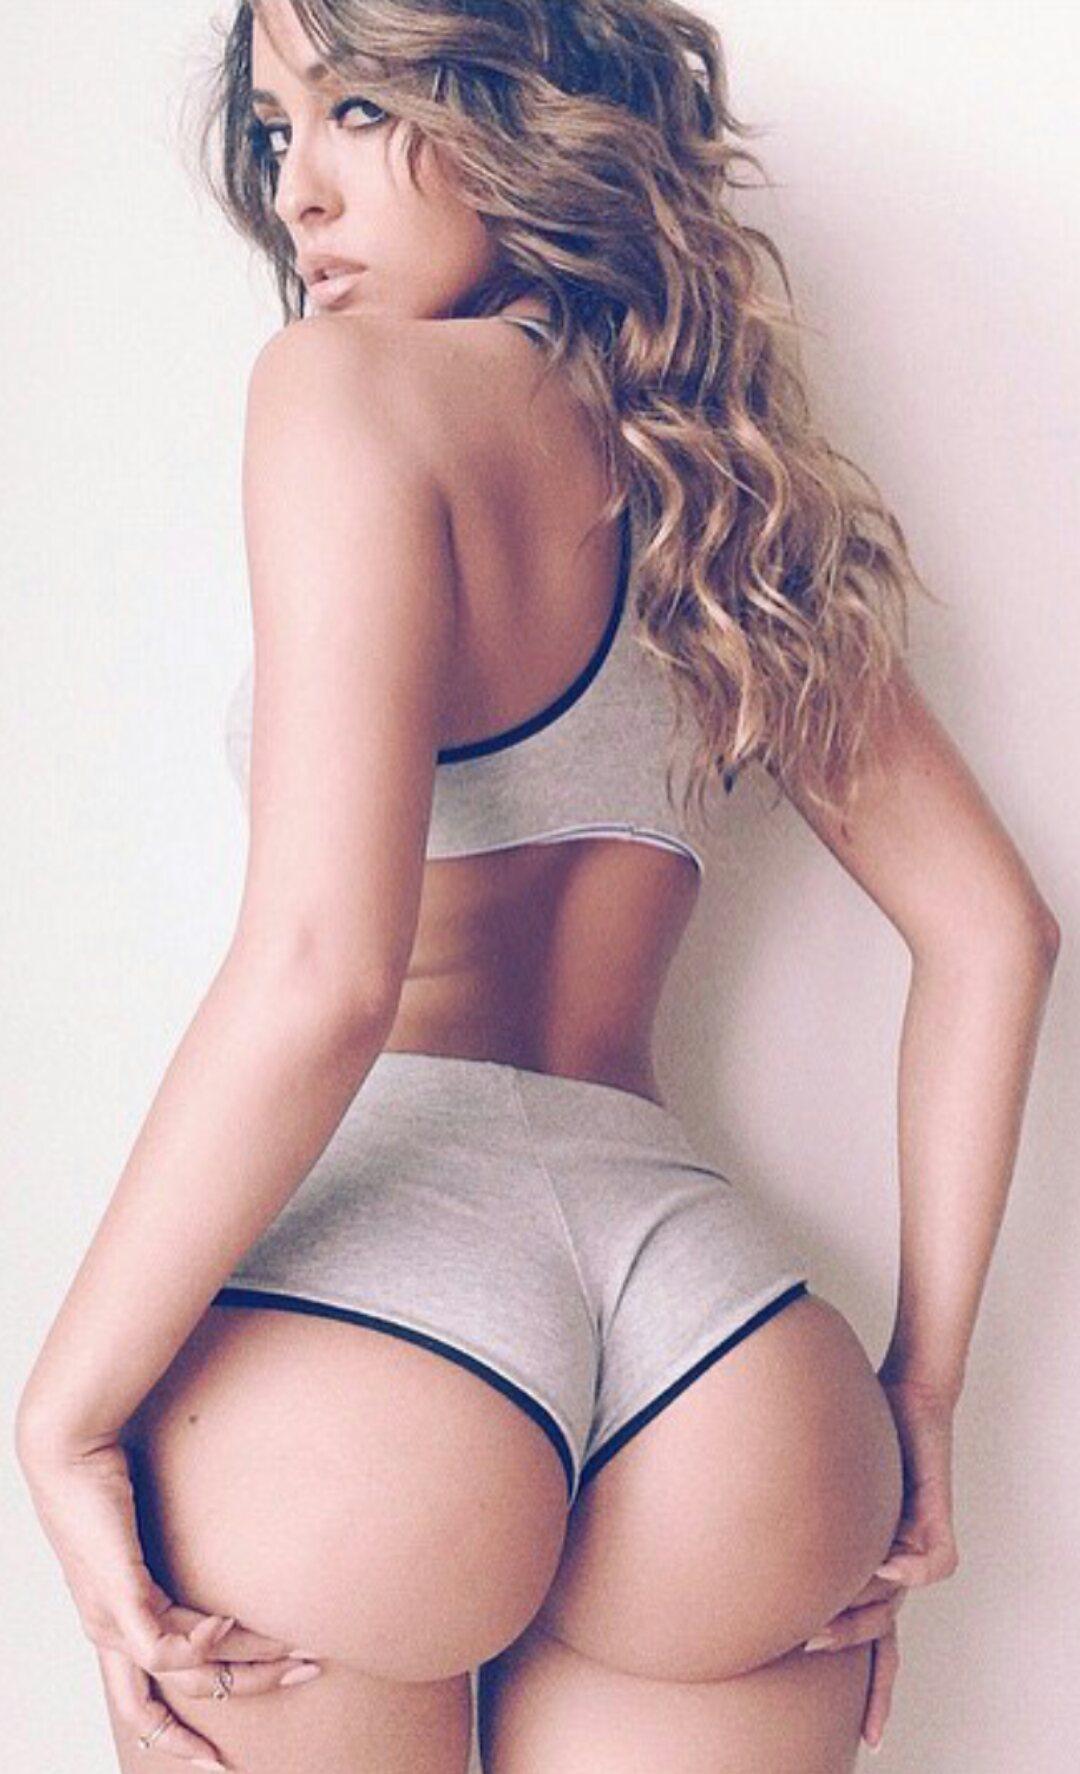 Butt secks